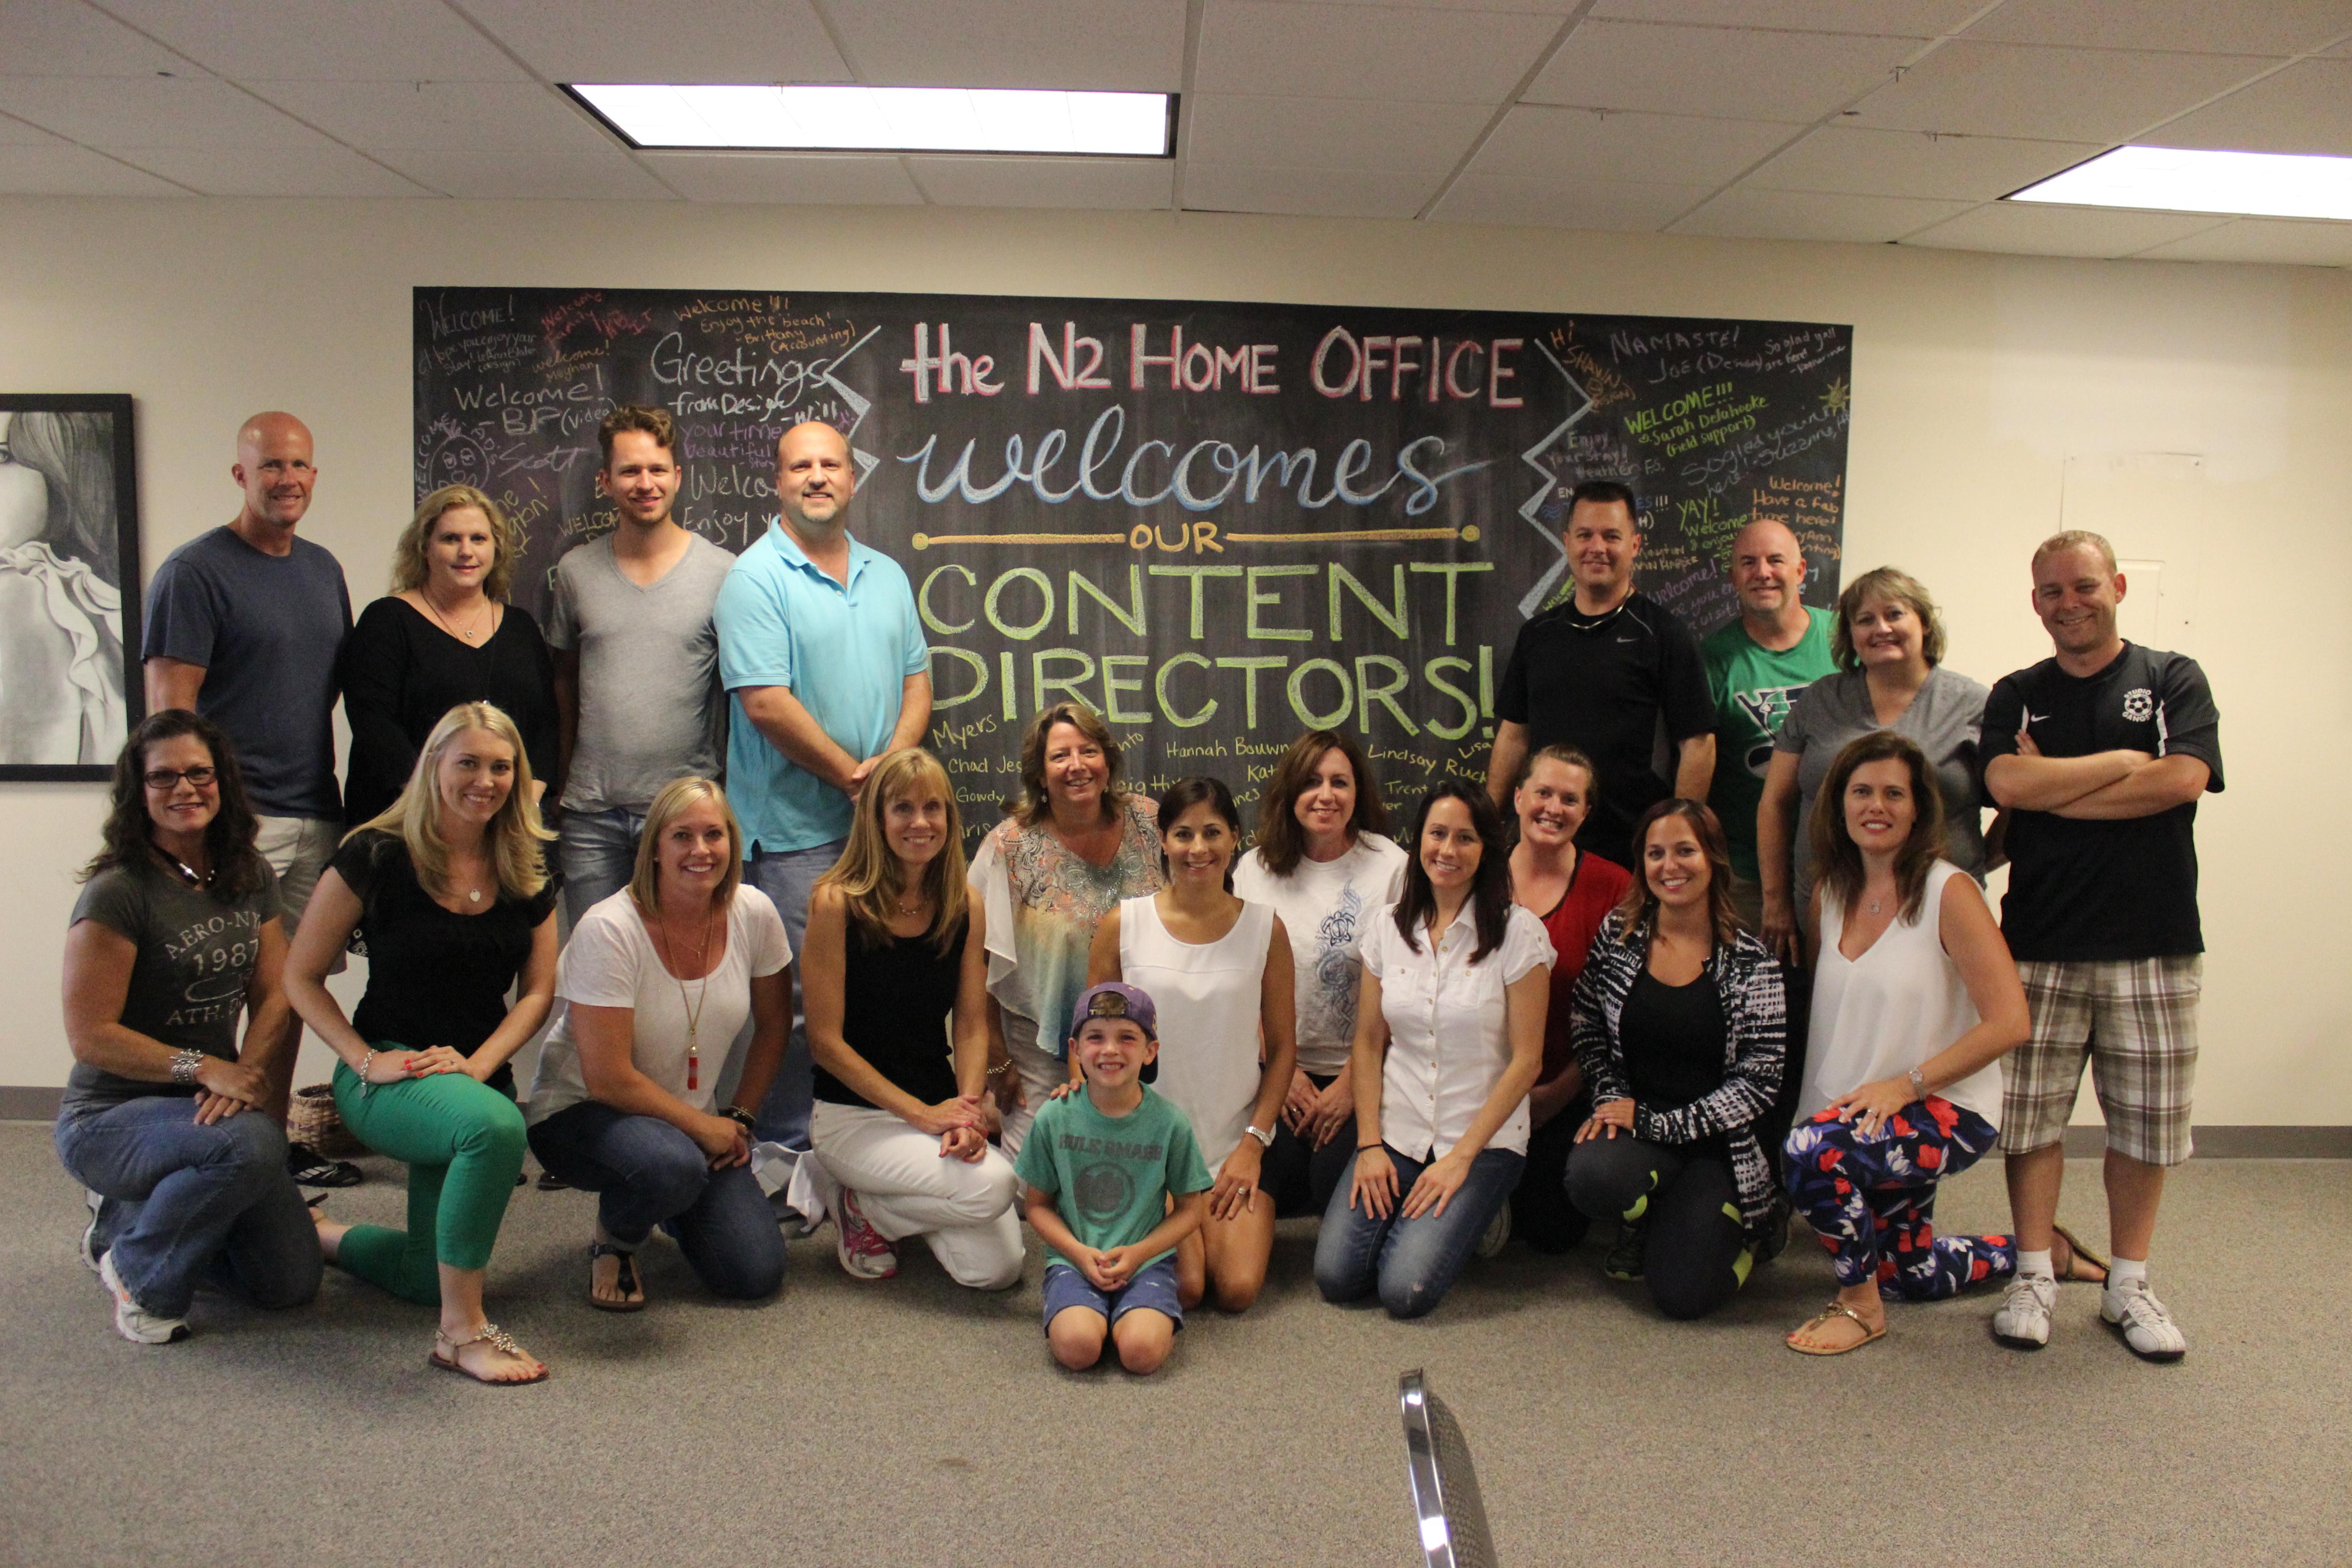 Content directors